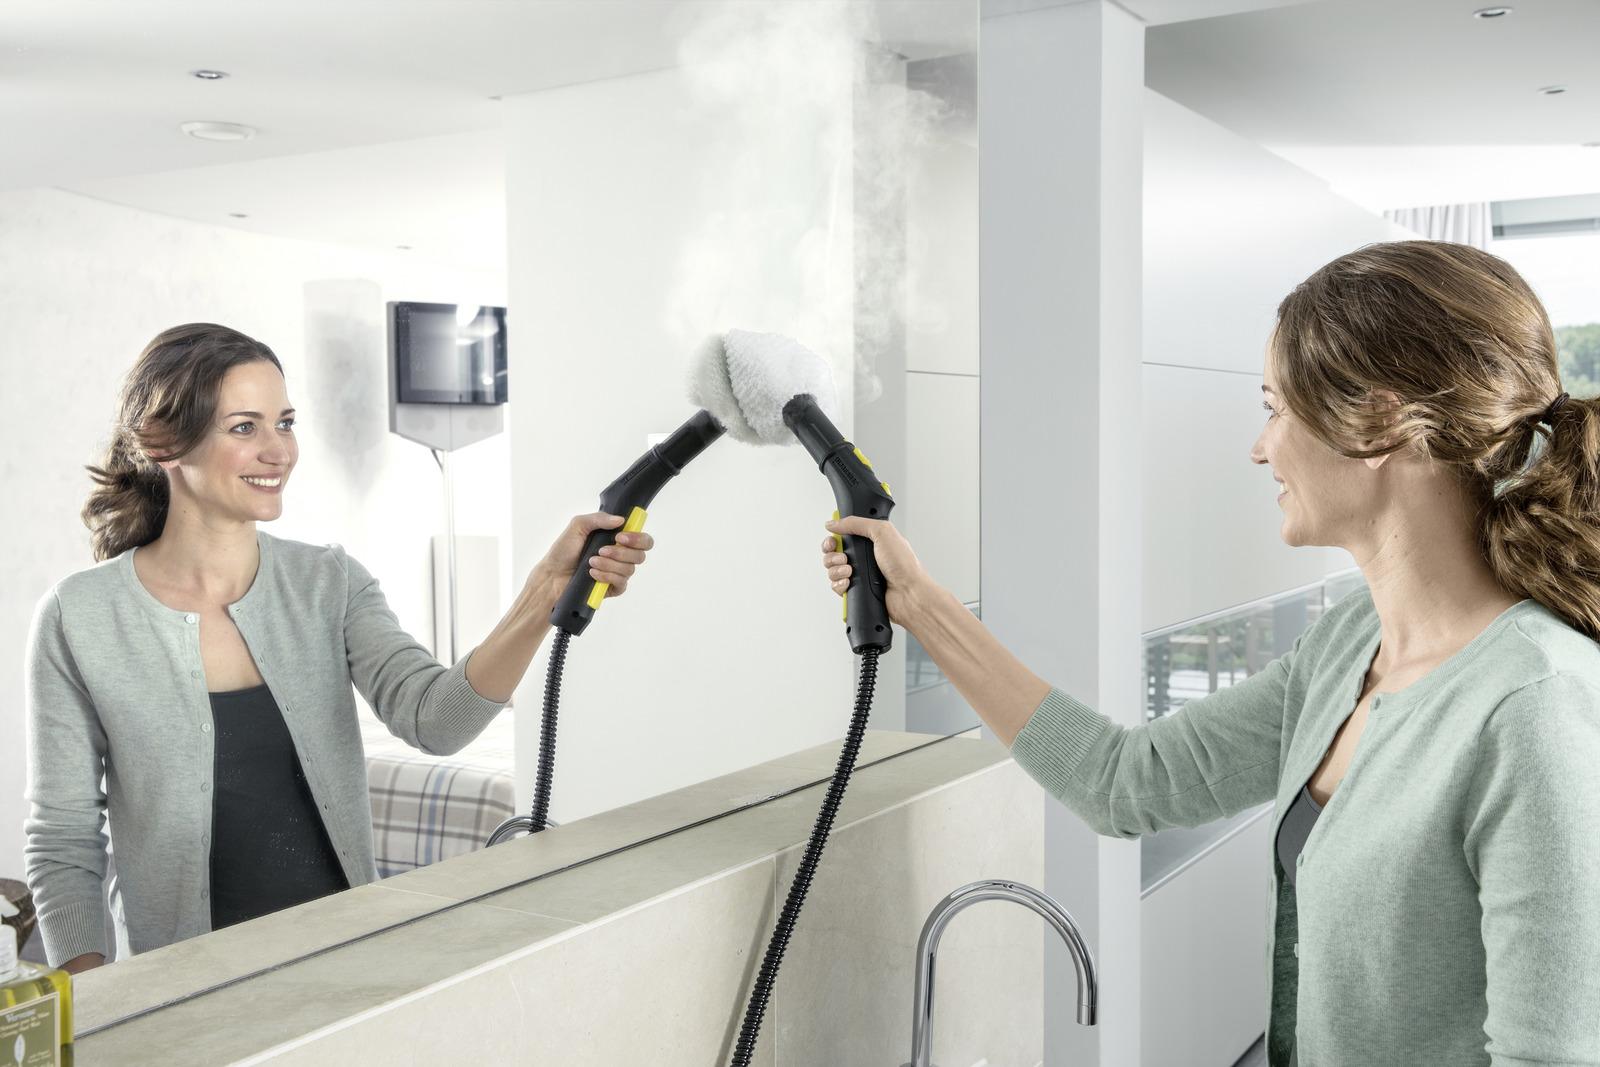 steam cleaner sc 3 easyfix k rcher uk. Black Bedroom Furniture Sets. Home Design Ideas